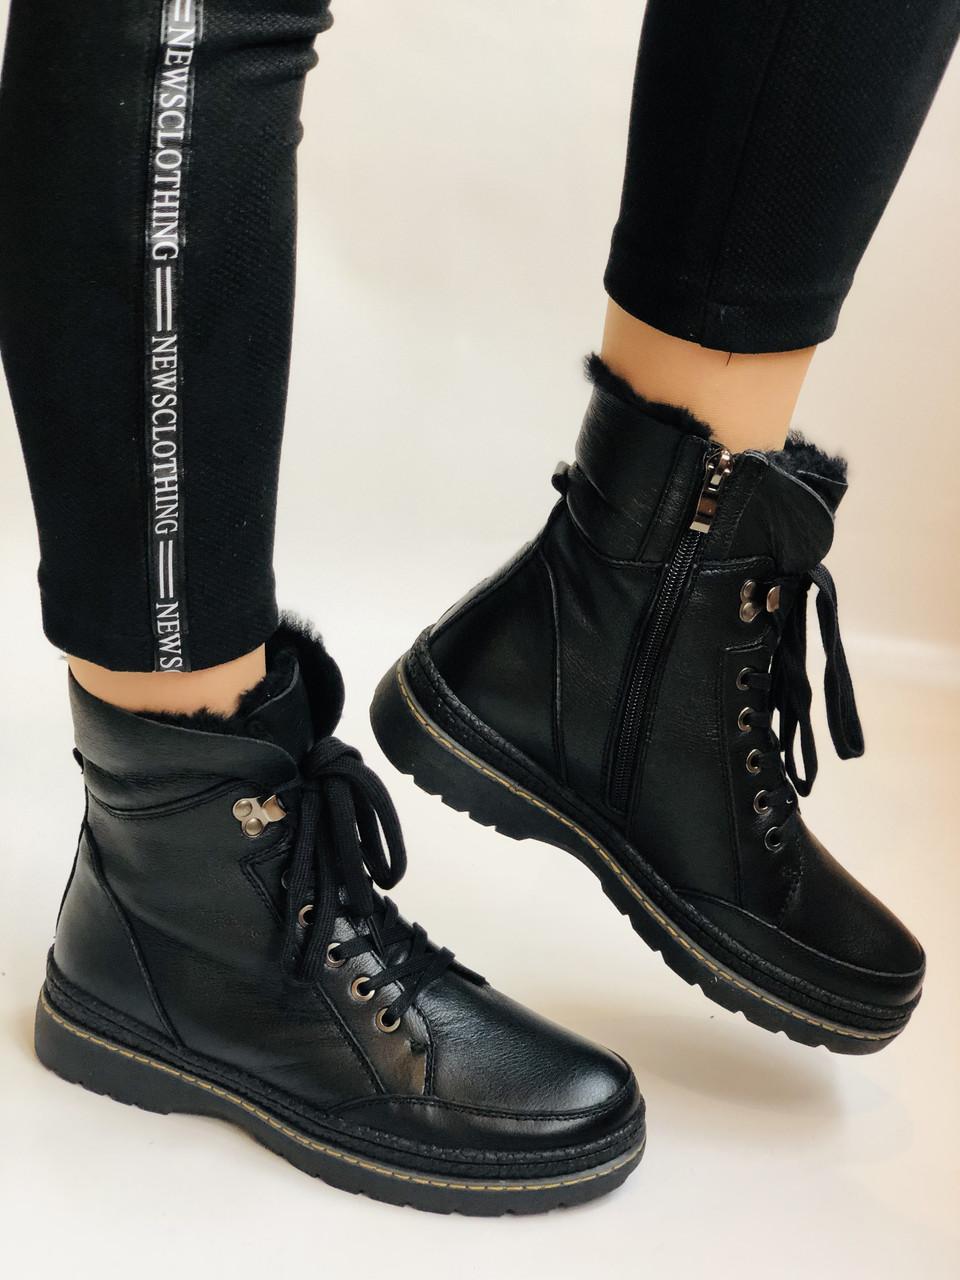 Жіночі черевики. Натуральне хутро. Натуральна шкіра. 24pfm Р. 37, 38,39,40